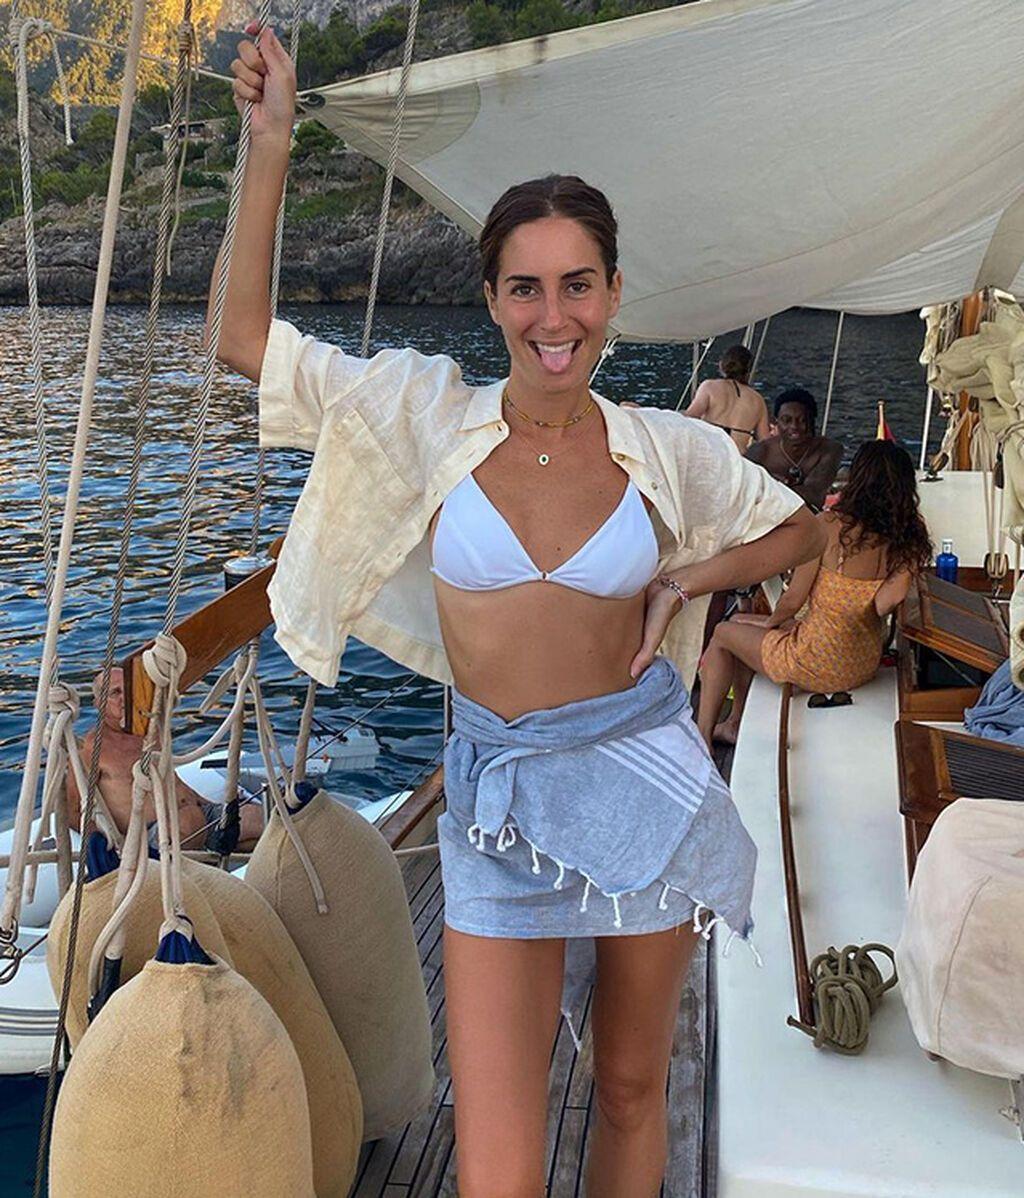 Gala González de crucero